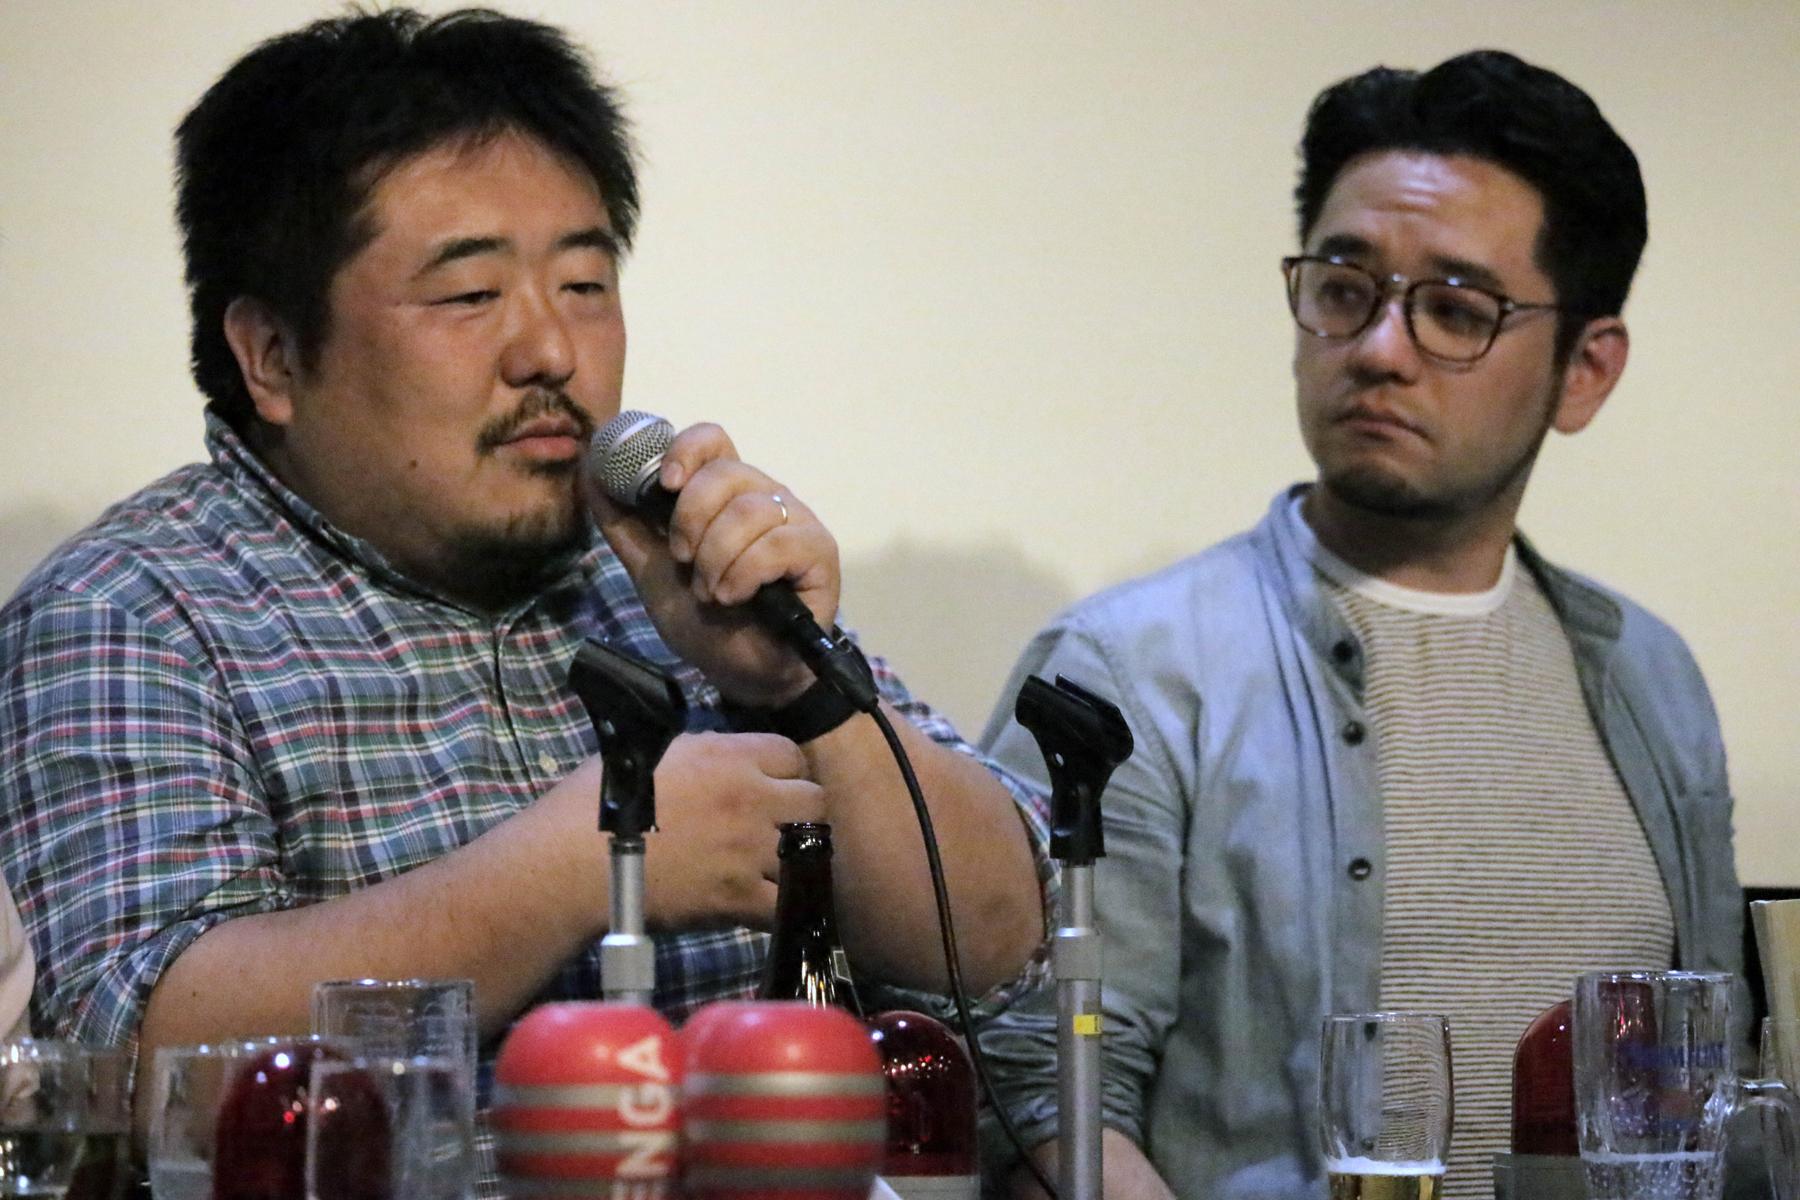 東西の異色クイズサークルによる激ヤバなトークライブ「味園夜会3」が開催!